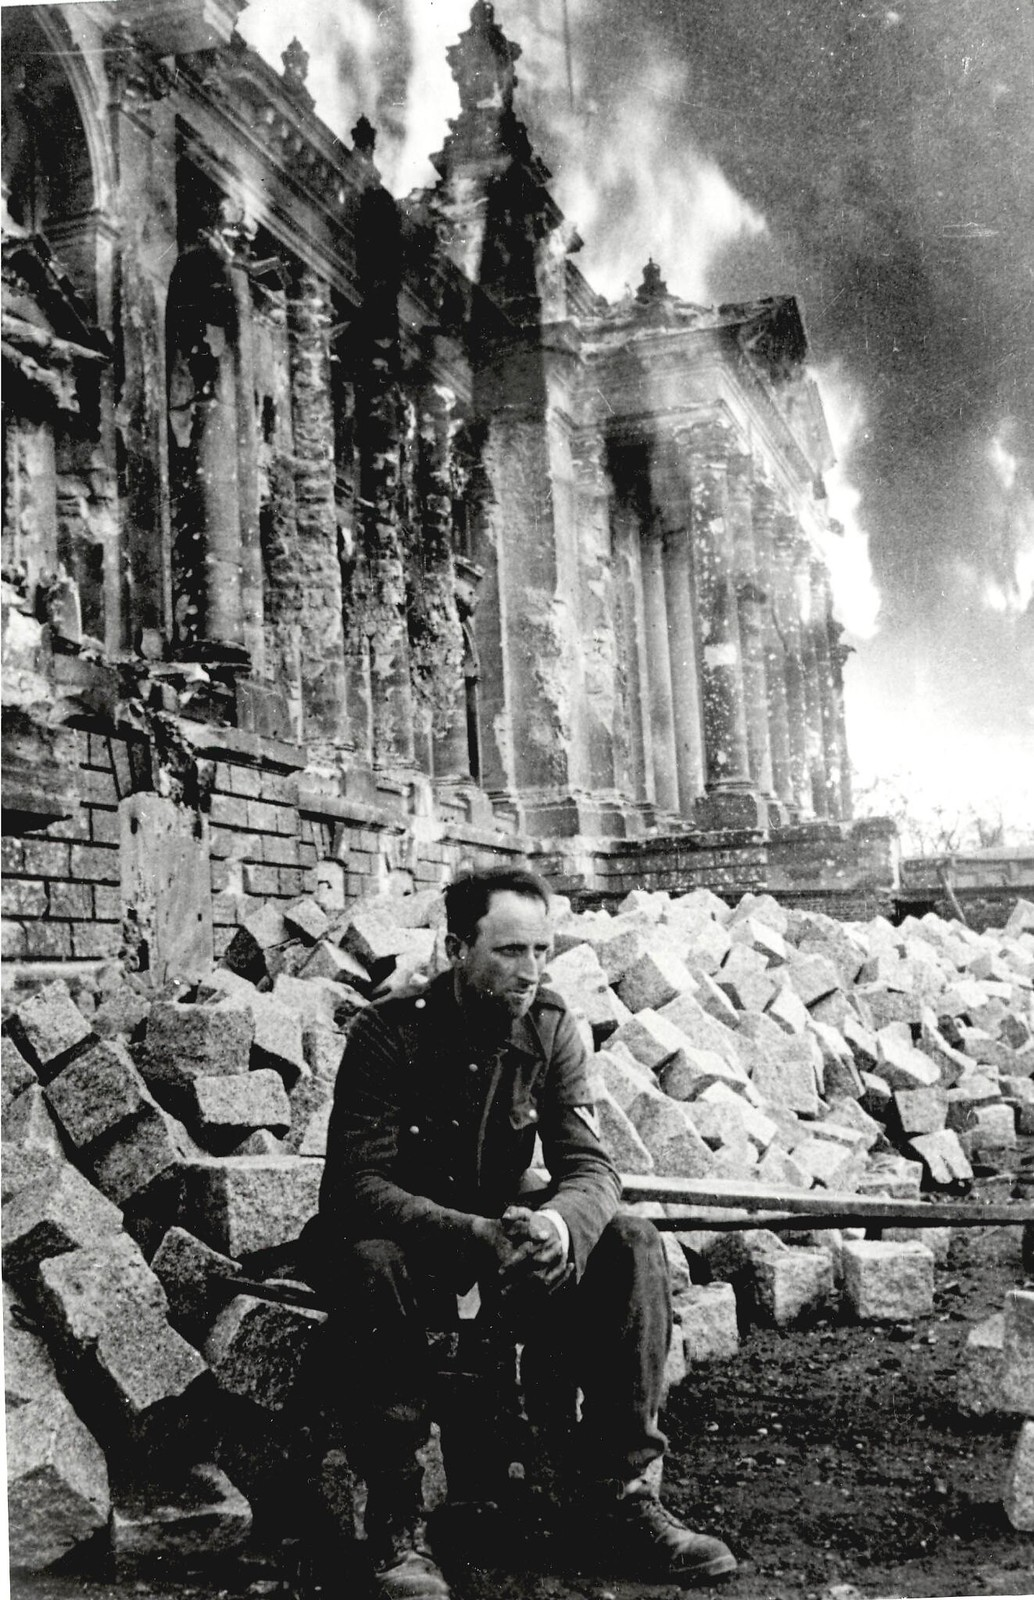 01. Немецкий солдат сидит на развалинах Рейхстага 9 мая